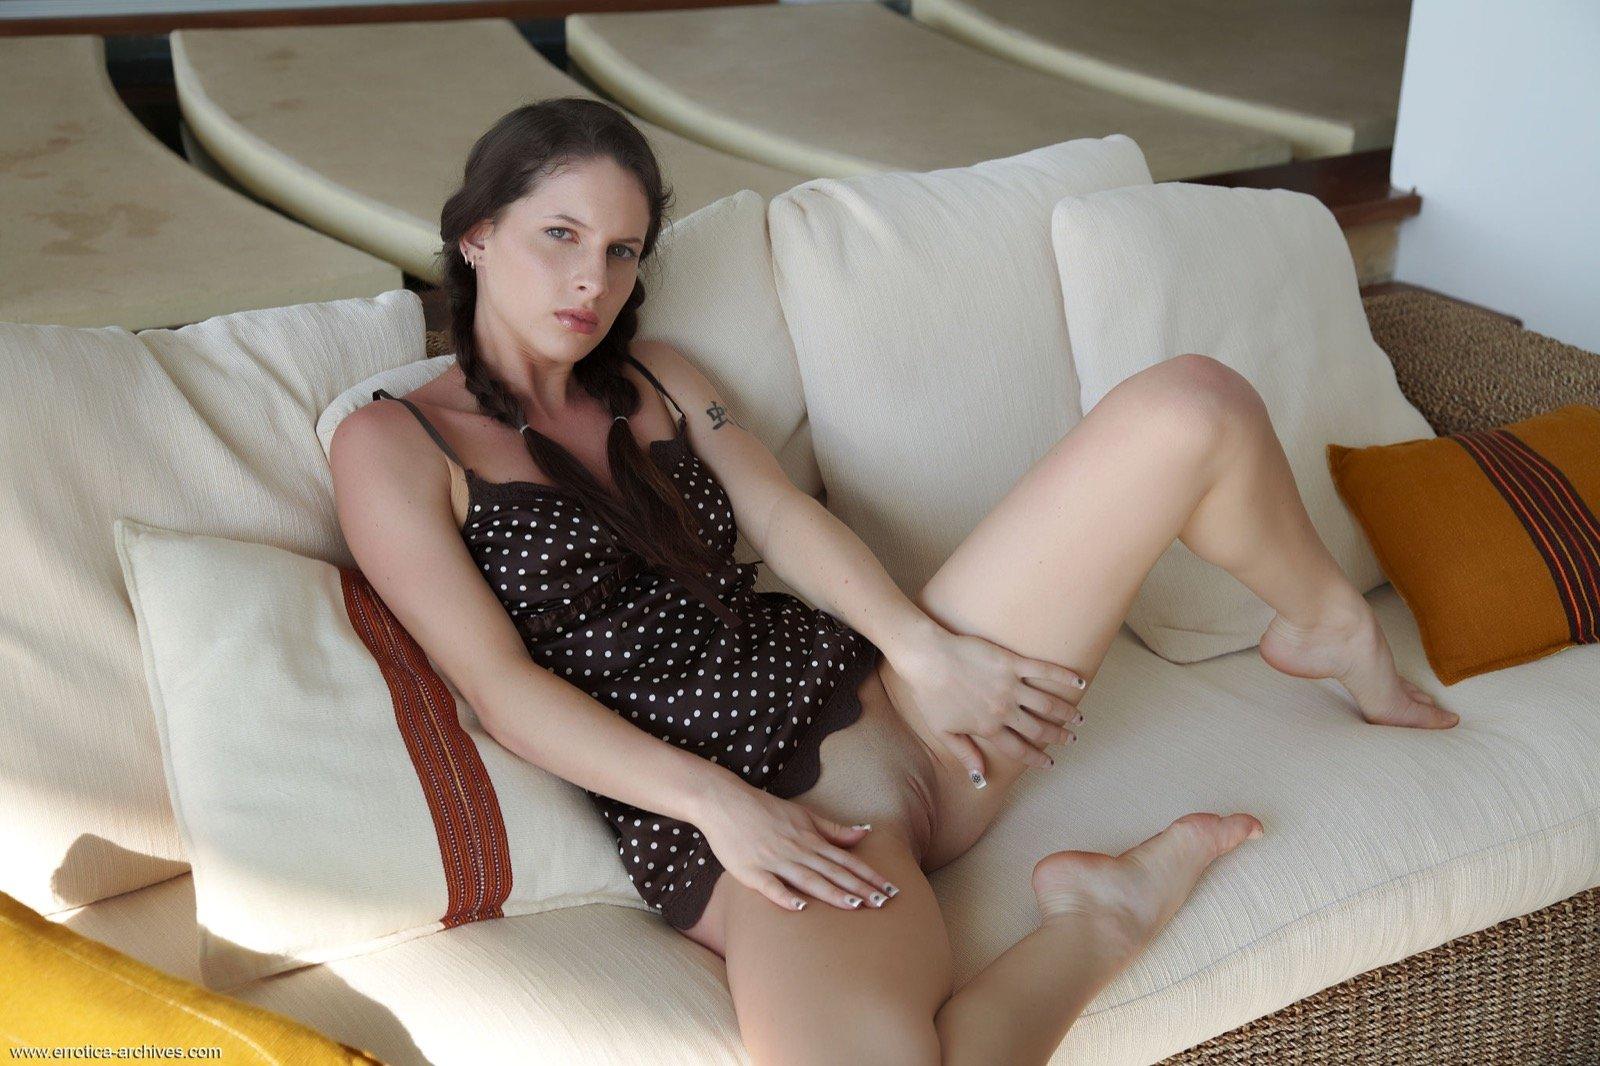 Девушка в пеньюаре без трусов позирует на диване